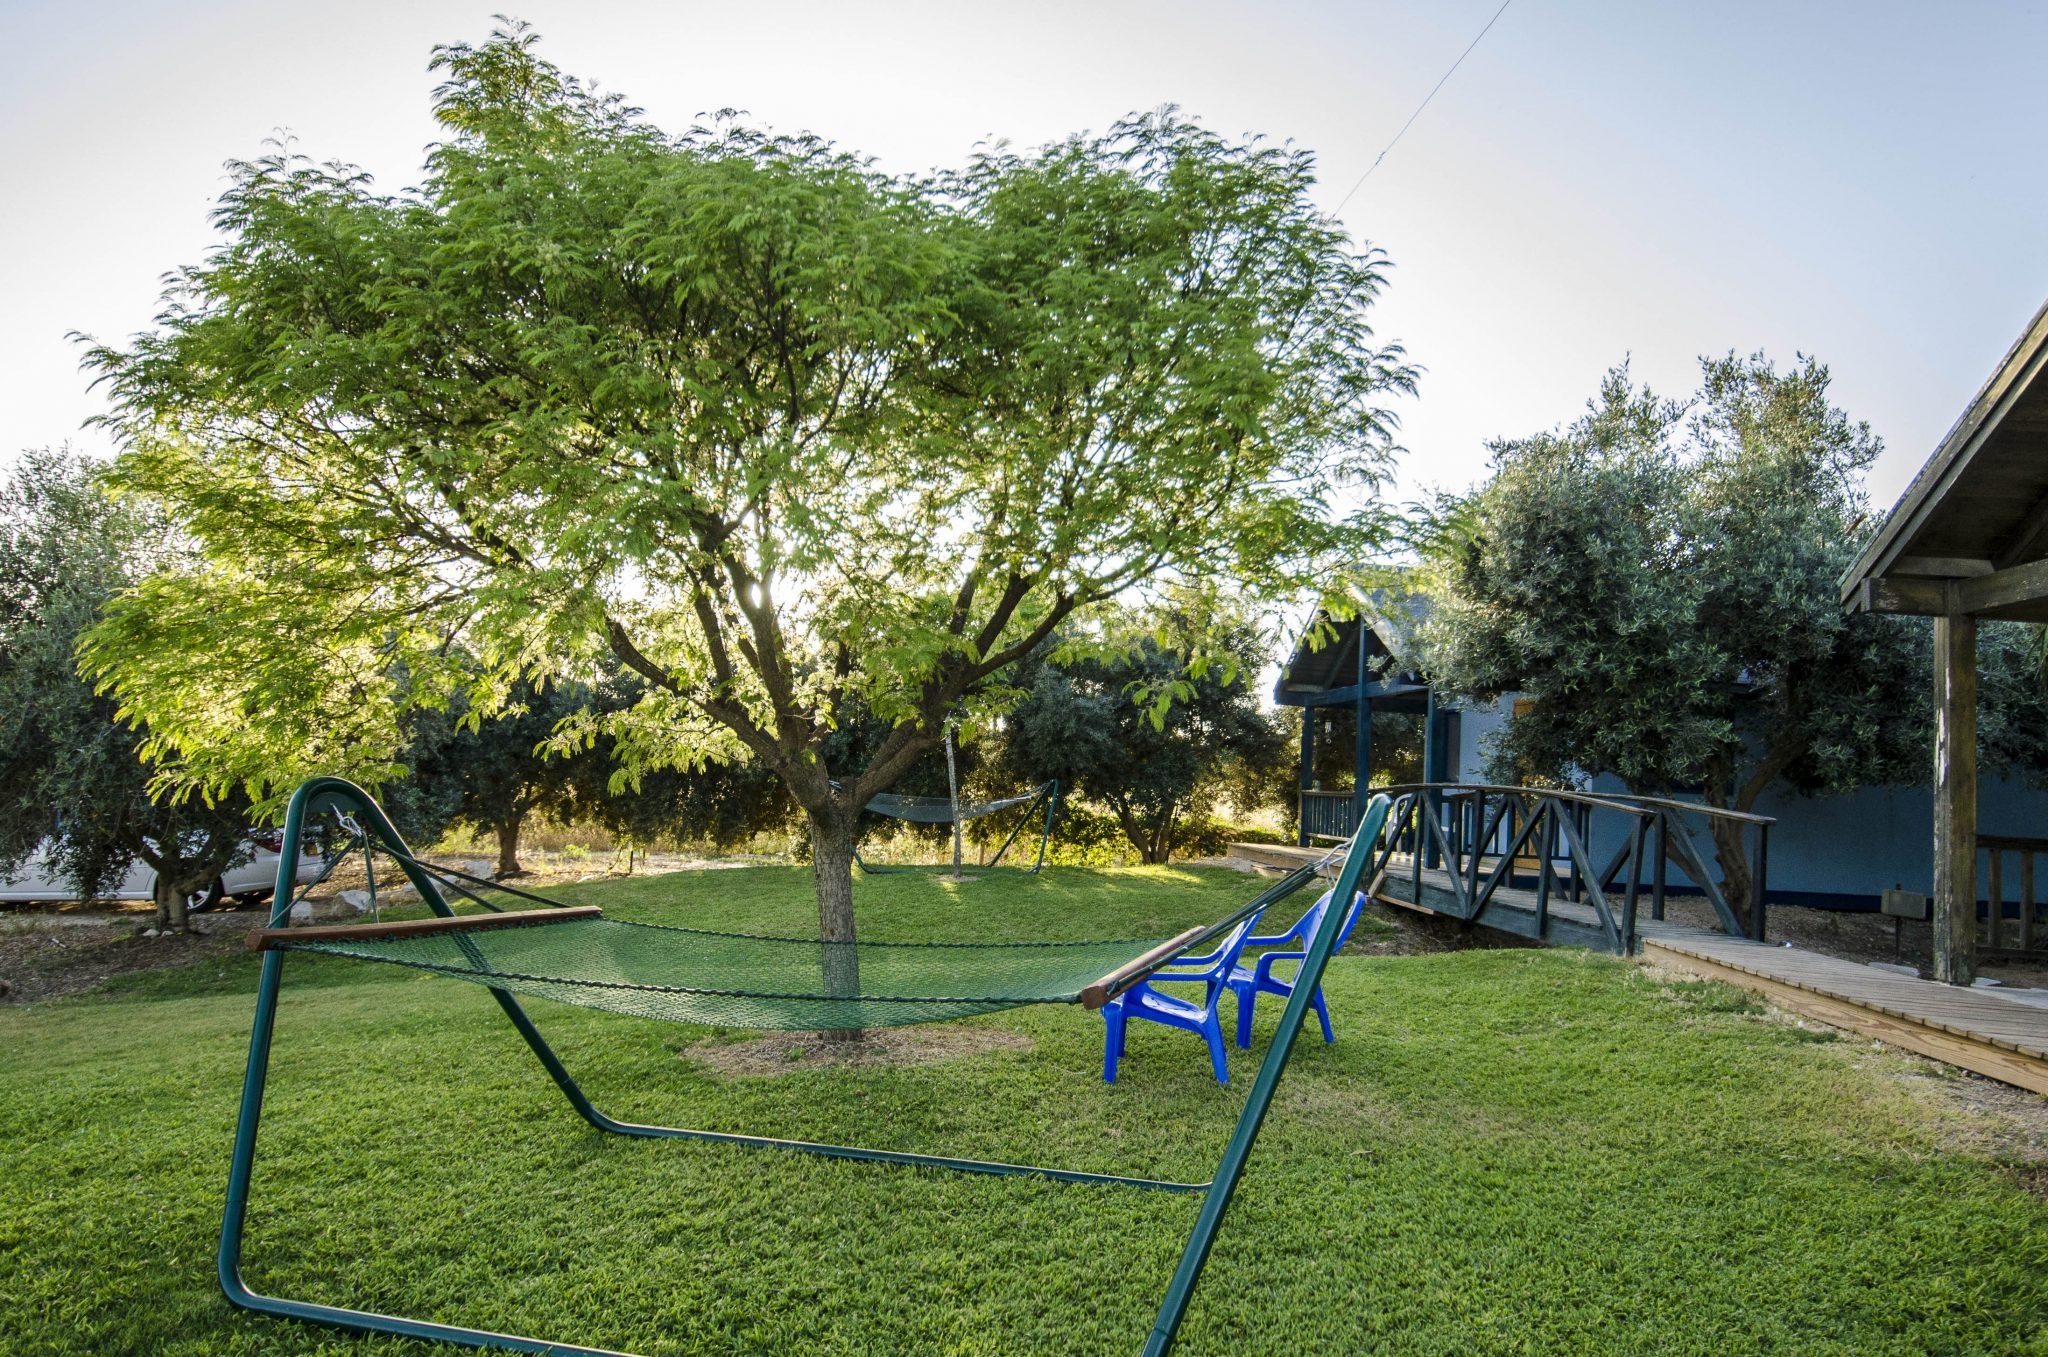 חצר בכרם הזיתים